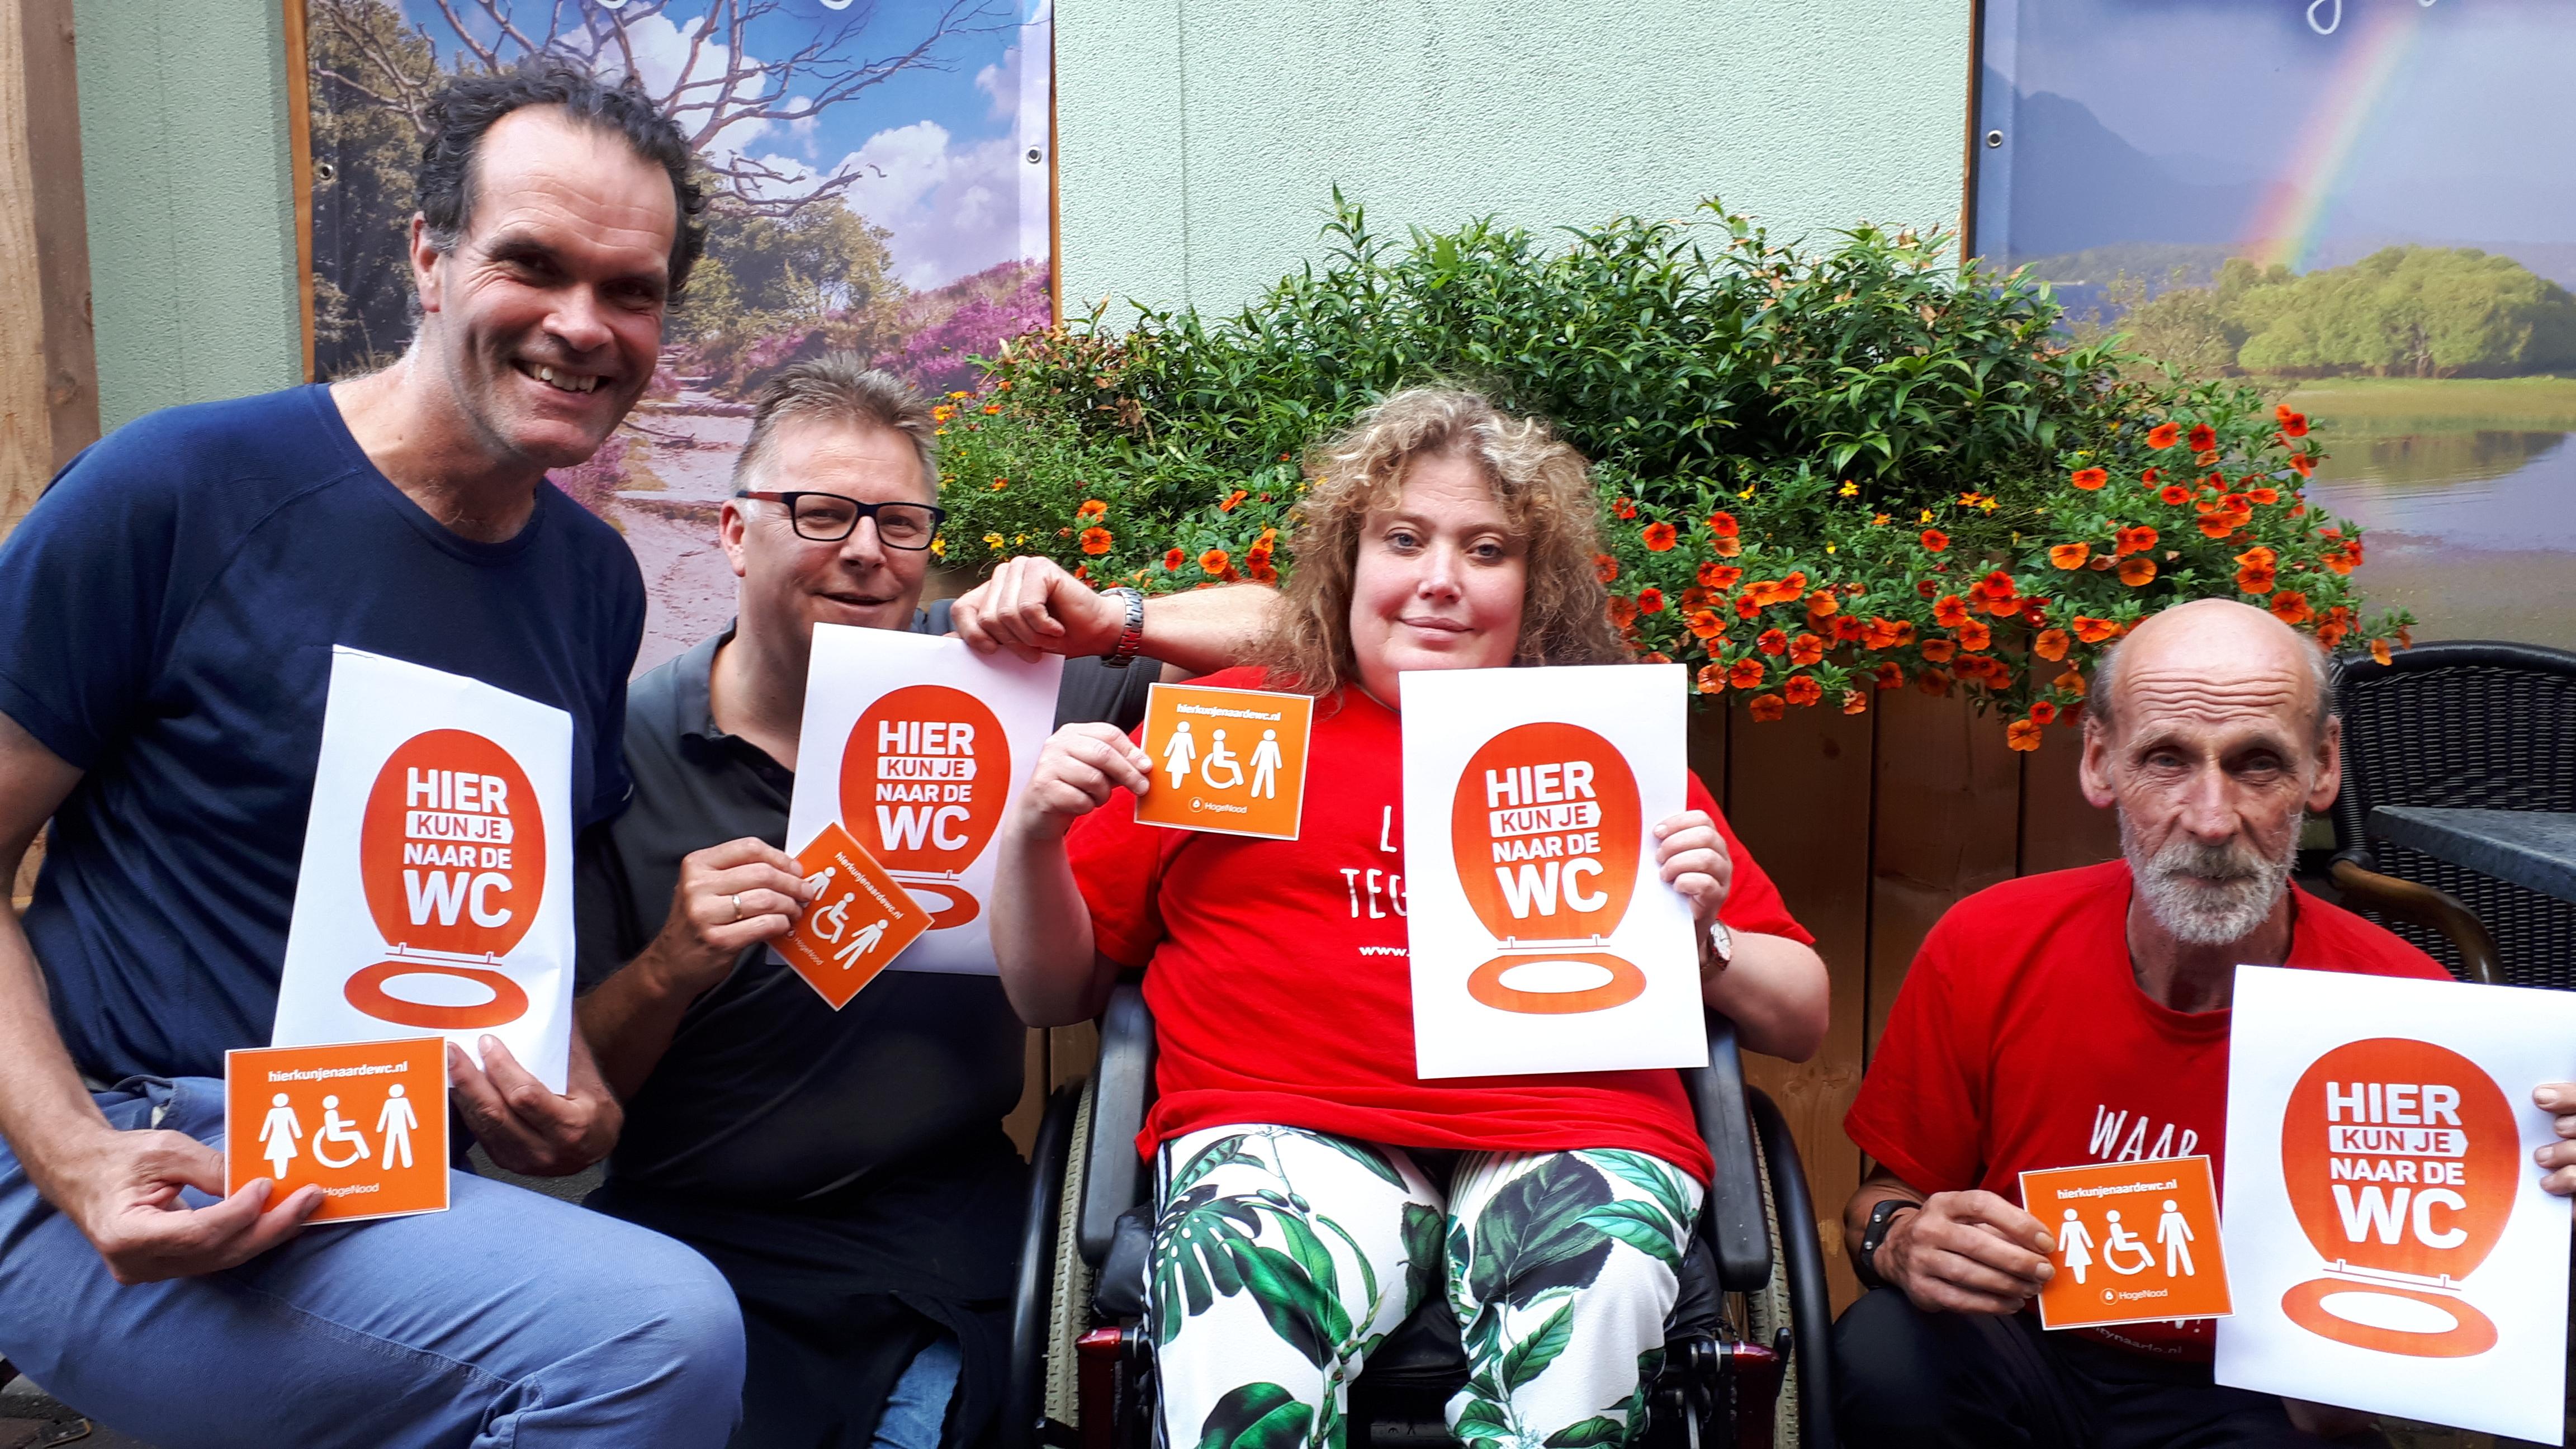 Drie mannen en een vrouw in een rolstoel tonen een sticker en een flyer met opschrift 'Hier kan je naar de WC.'